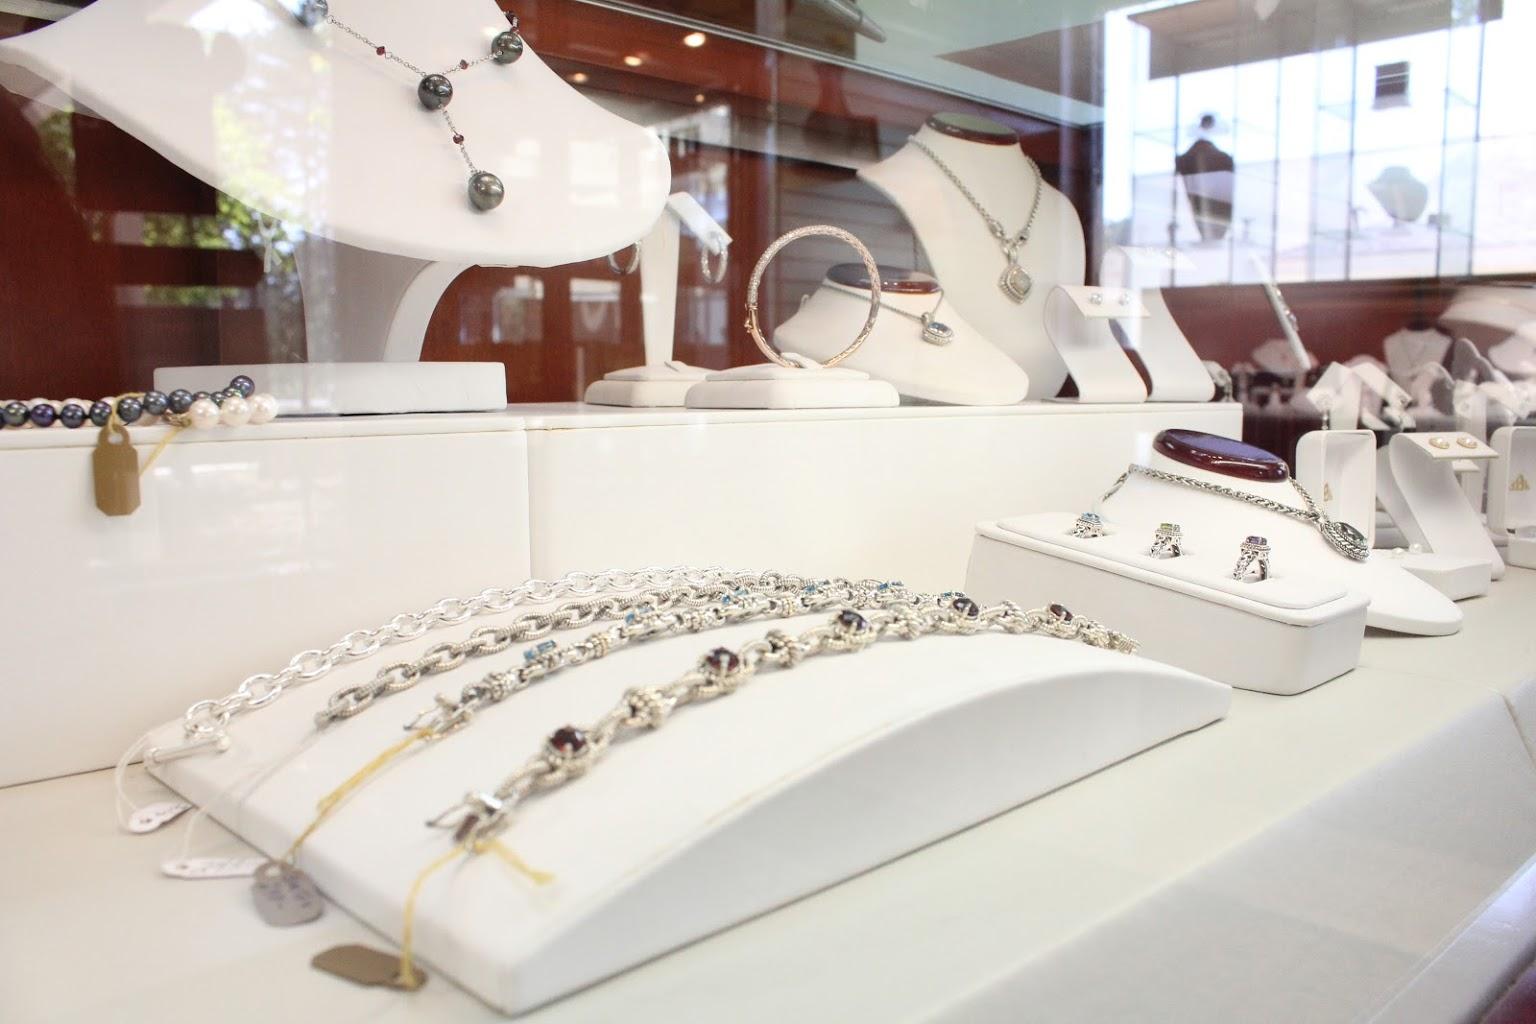 display at Taunton Jewelers, Medford, NJ